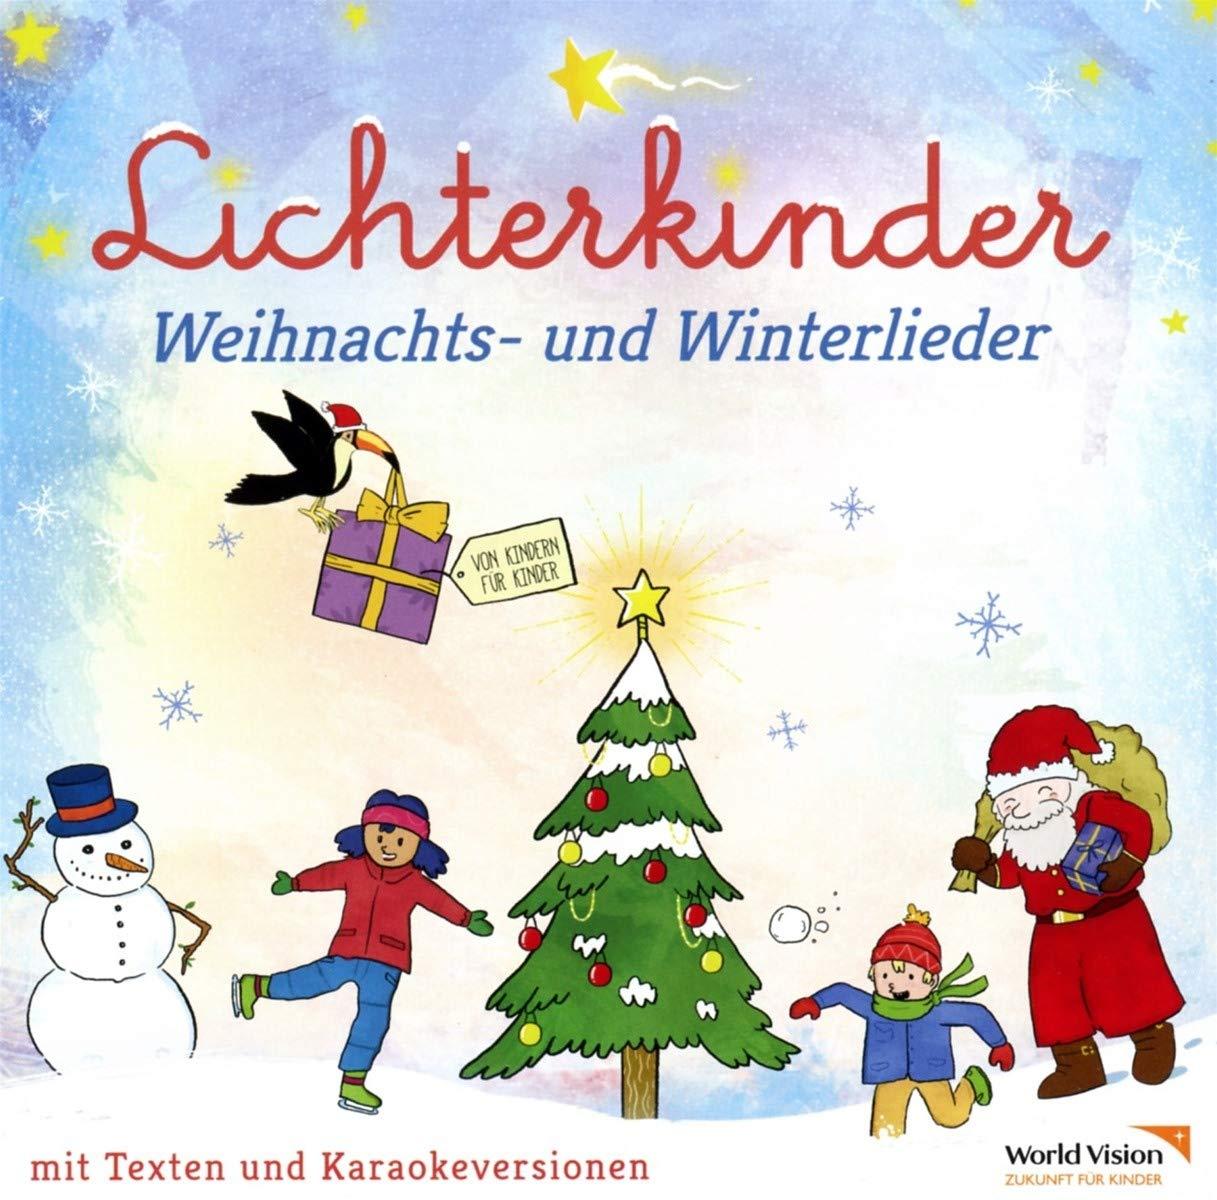 Neue Weihnachtslieder Für Kindergartenkinder.Weihnachts Und Winterlieder Für Kinder Inkl Kling Glöckchen Wunschzettel Und Danke Mama